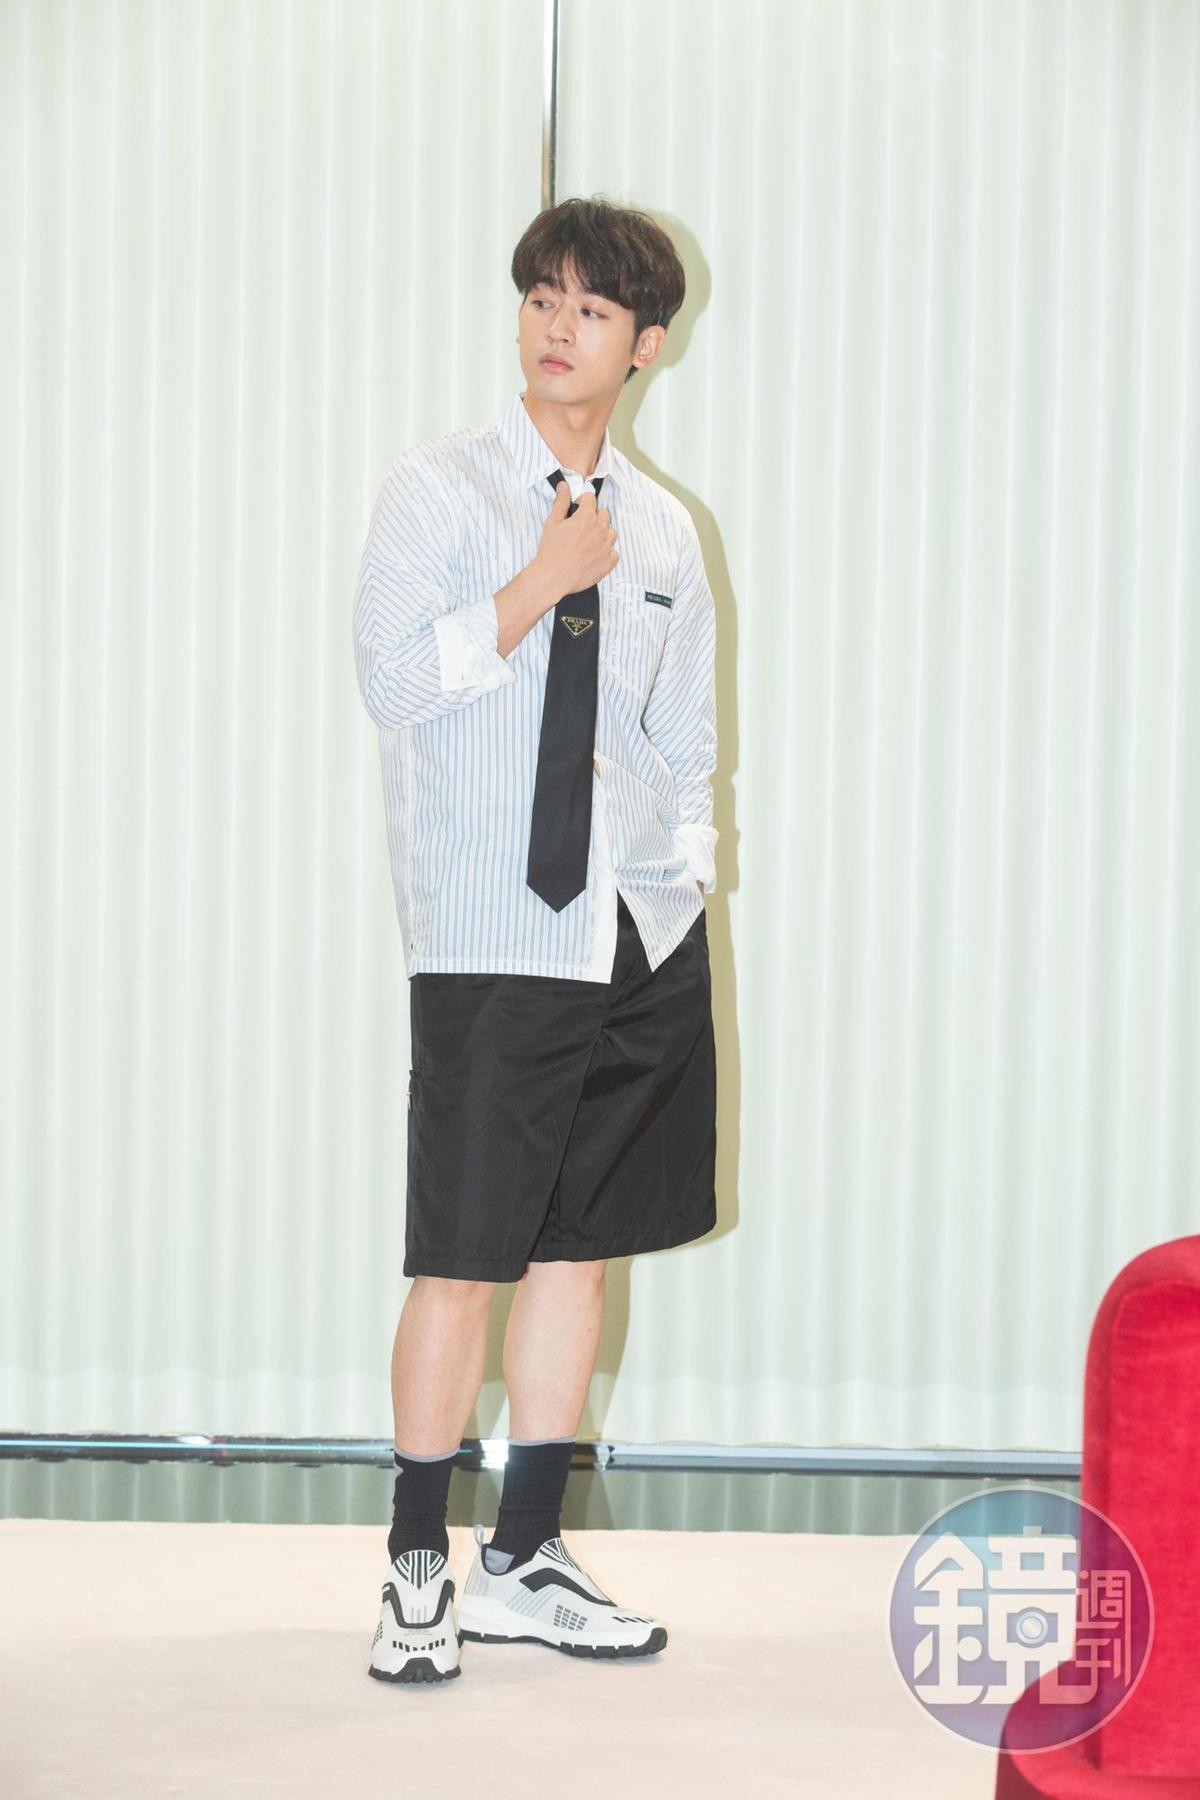 小樂身上穿著PRADA條紋襯衫NT$38,500、logo領帶NT$7,000、黑色短褲NT$25,000。